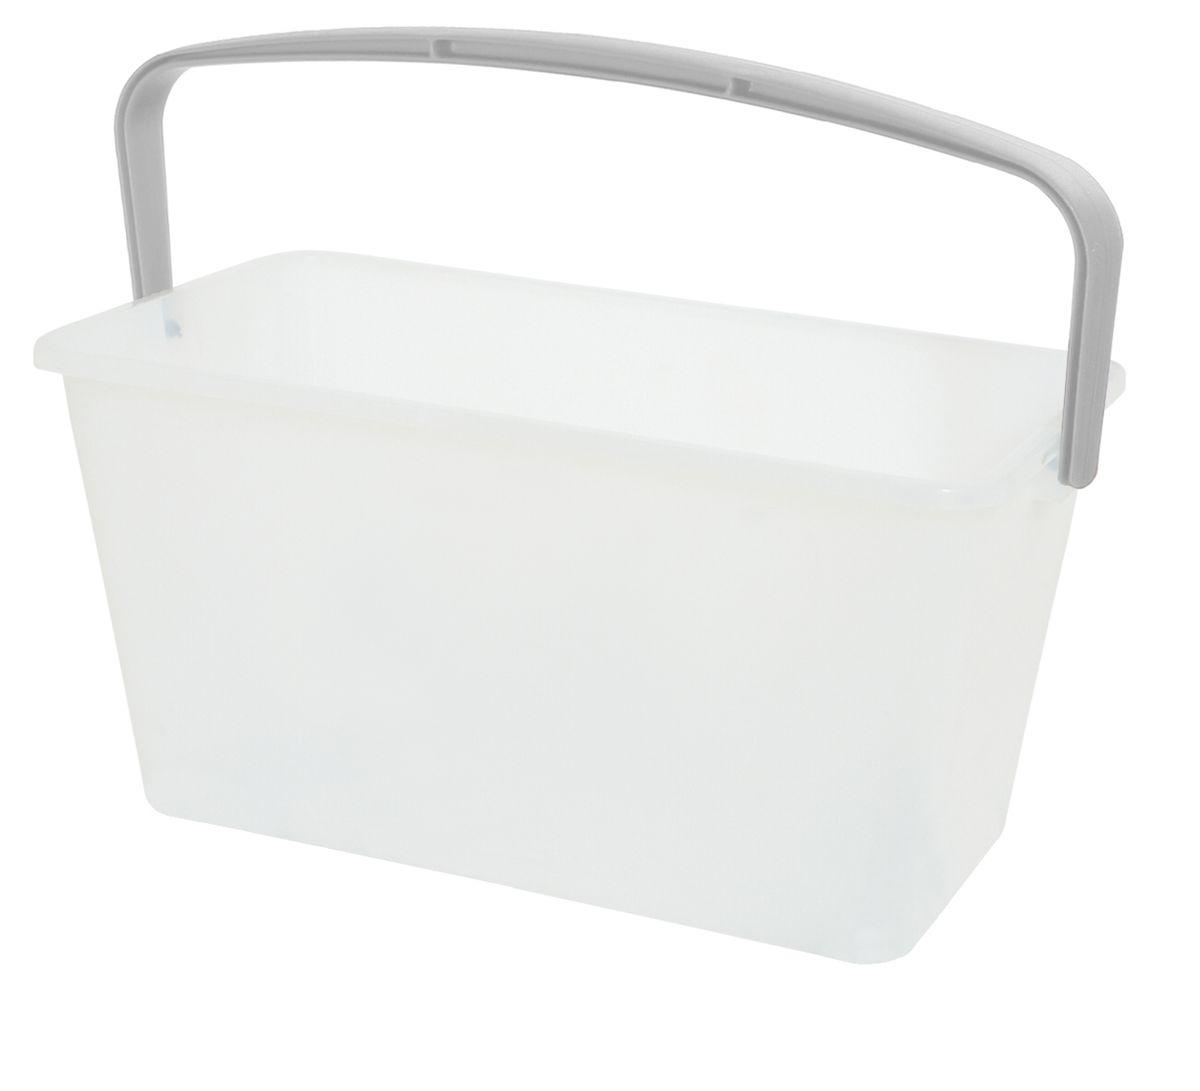 Ведро Apex, 13л531-105Прямоугольное ведро Apex изготовлено из пластика. Оно легче железного и не подвержено коррозии. Ведро имеет привлекательный дизайн. Для удобства использования ведро оснащено пластиковой ручкой и мерной шкалой. Характеристики: Материал: пластик. Размер: 42 см х 21 см х 22 см. Объем: 12 л. Производитель: Италия. Артикул: 10360.